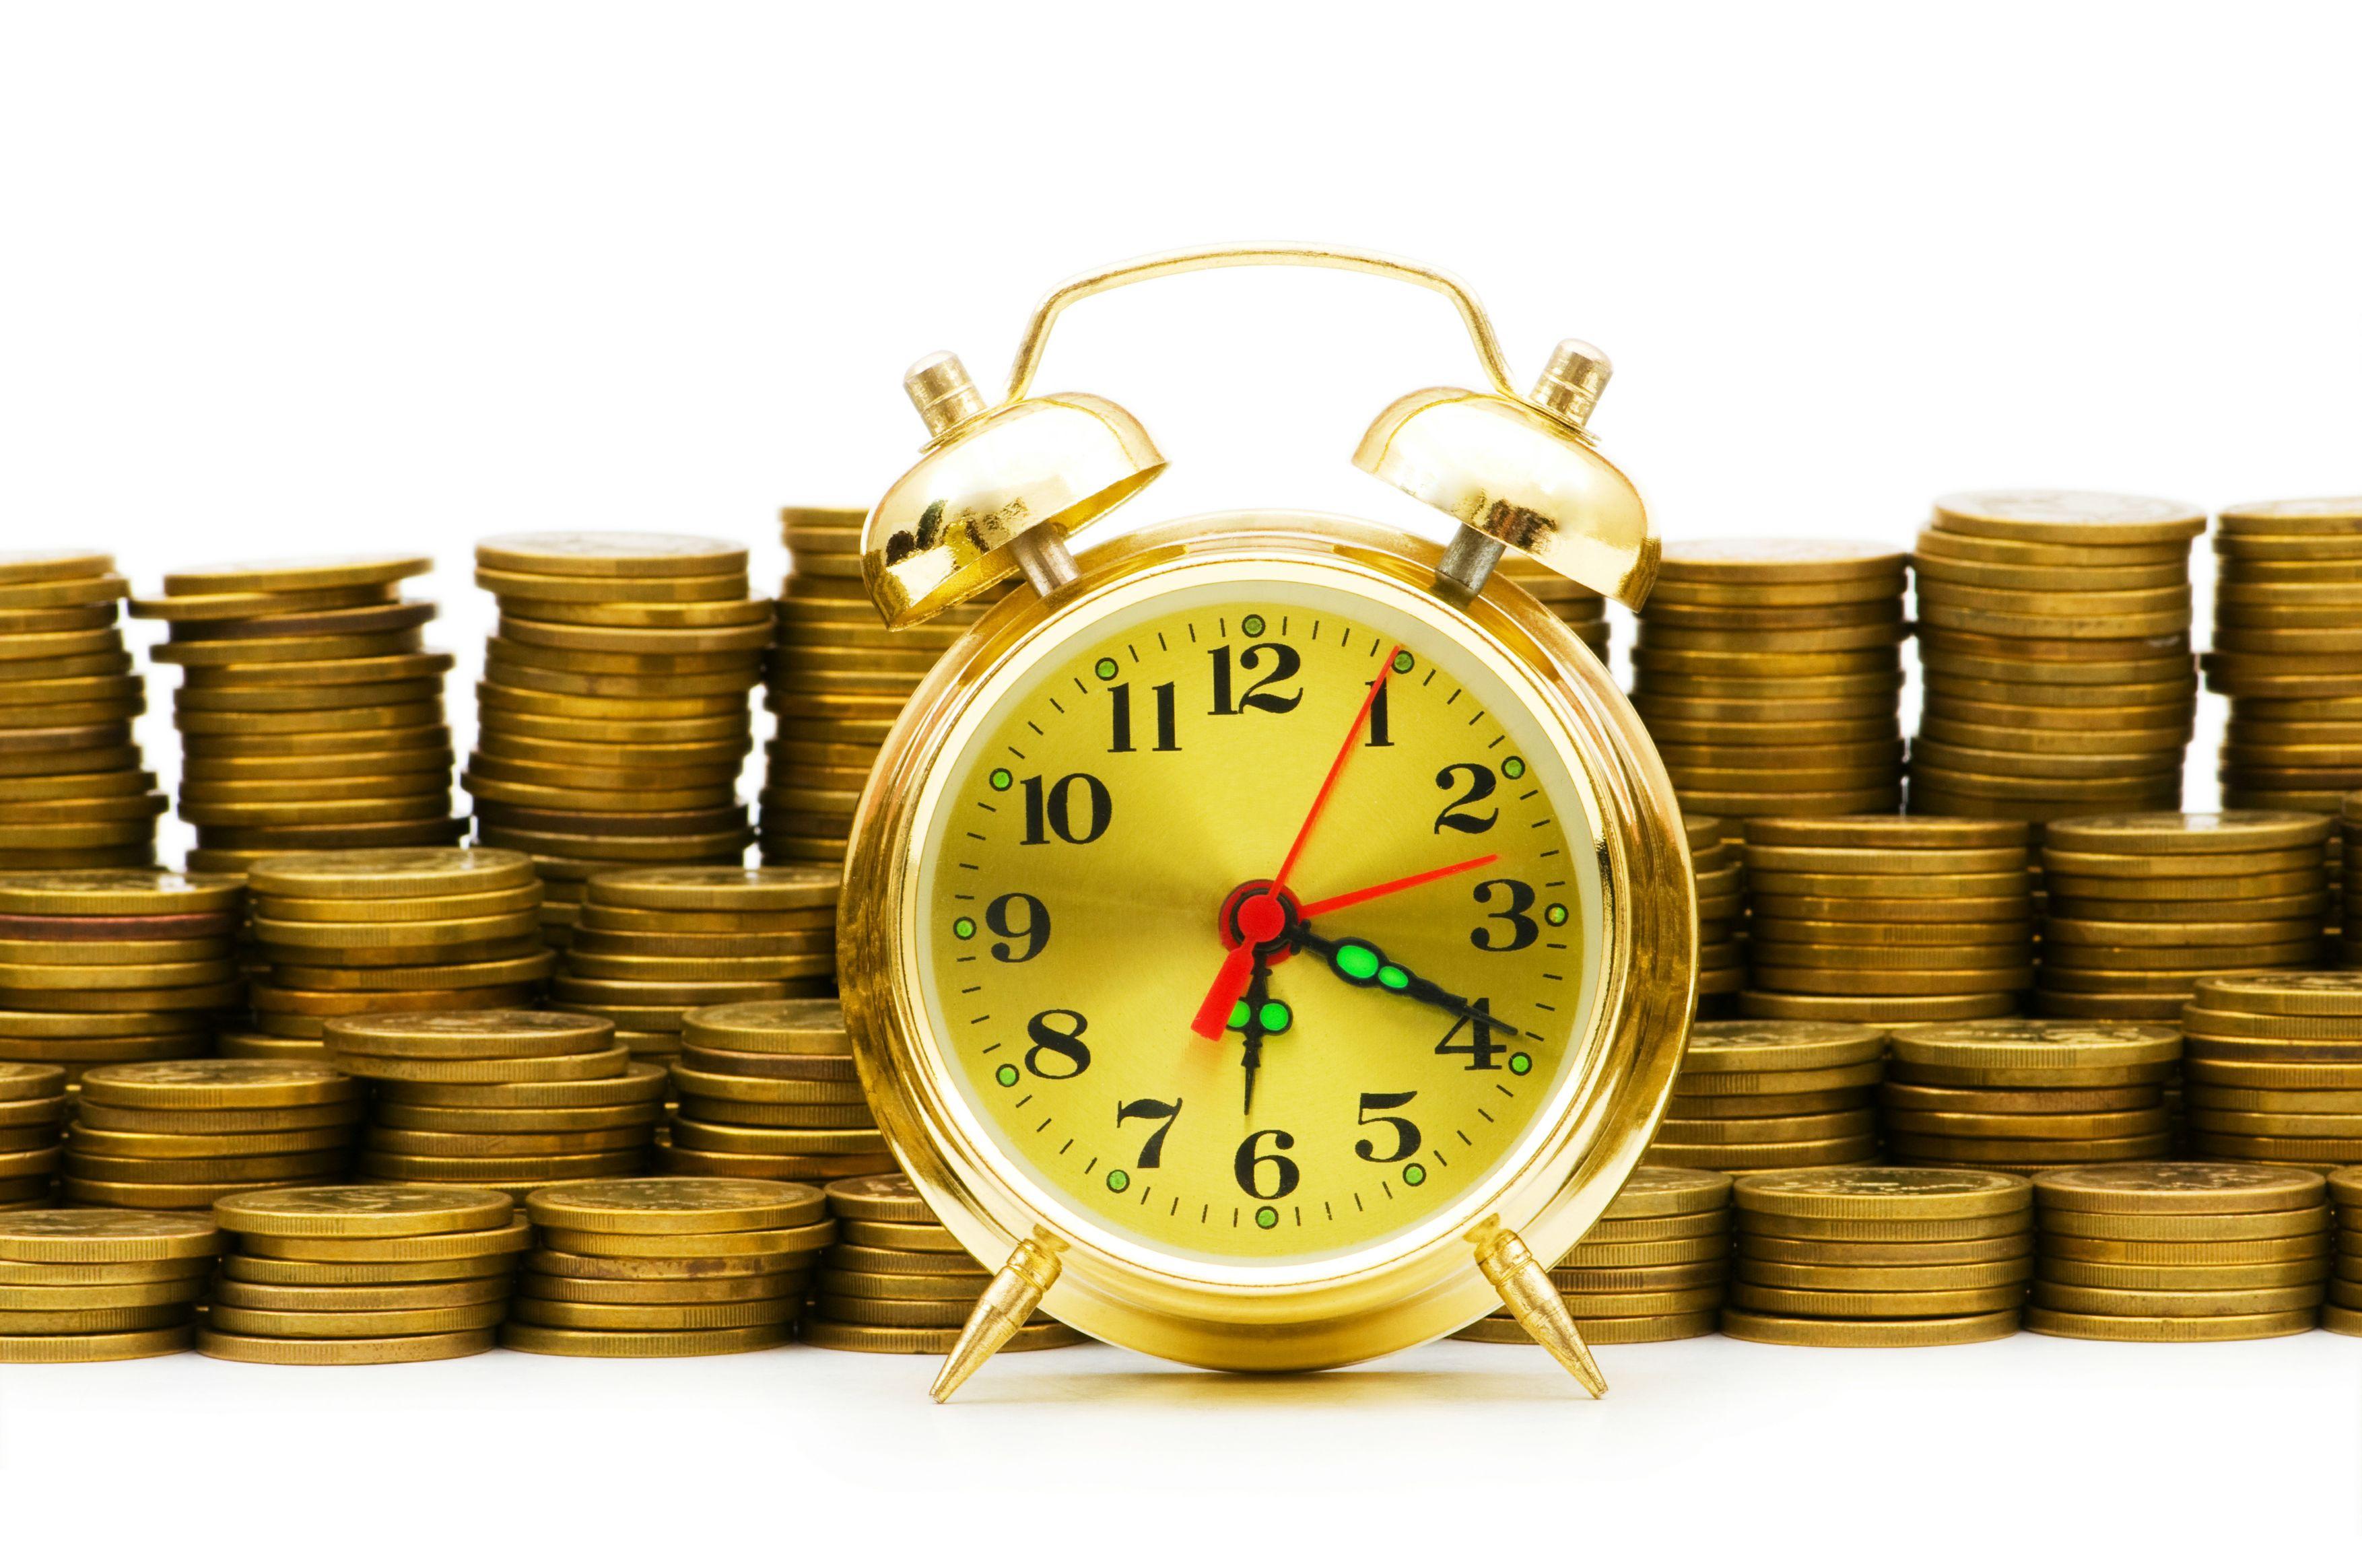 【2月流动性前瞻】春节平稳度过,资金中枢将小幅抬升